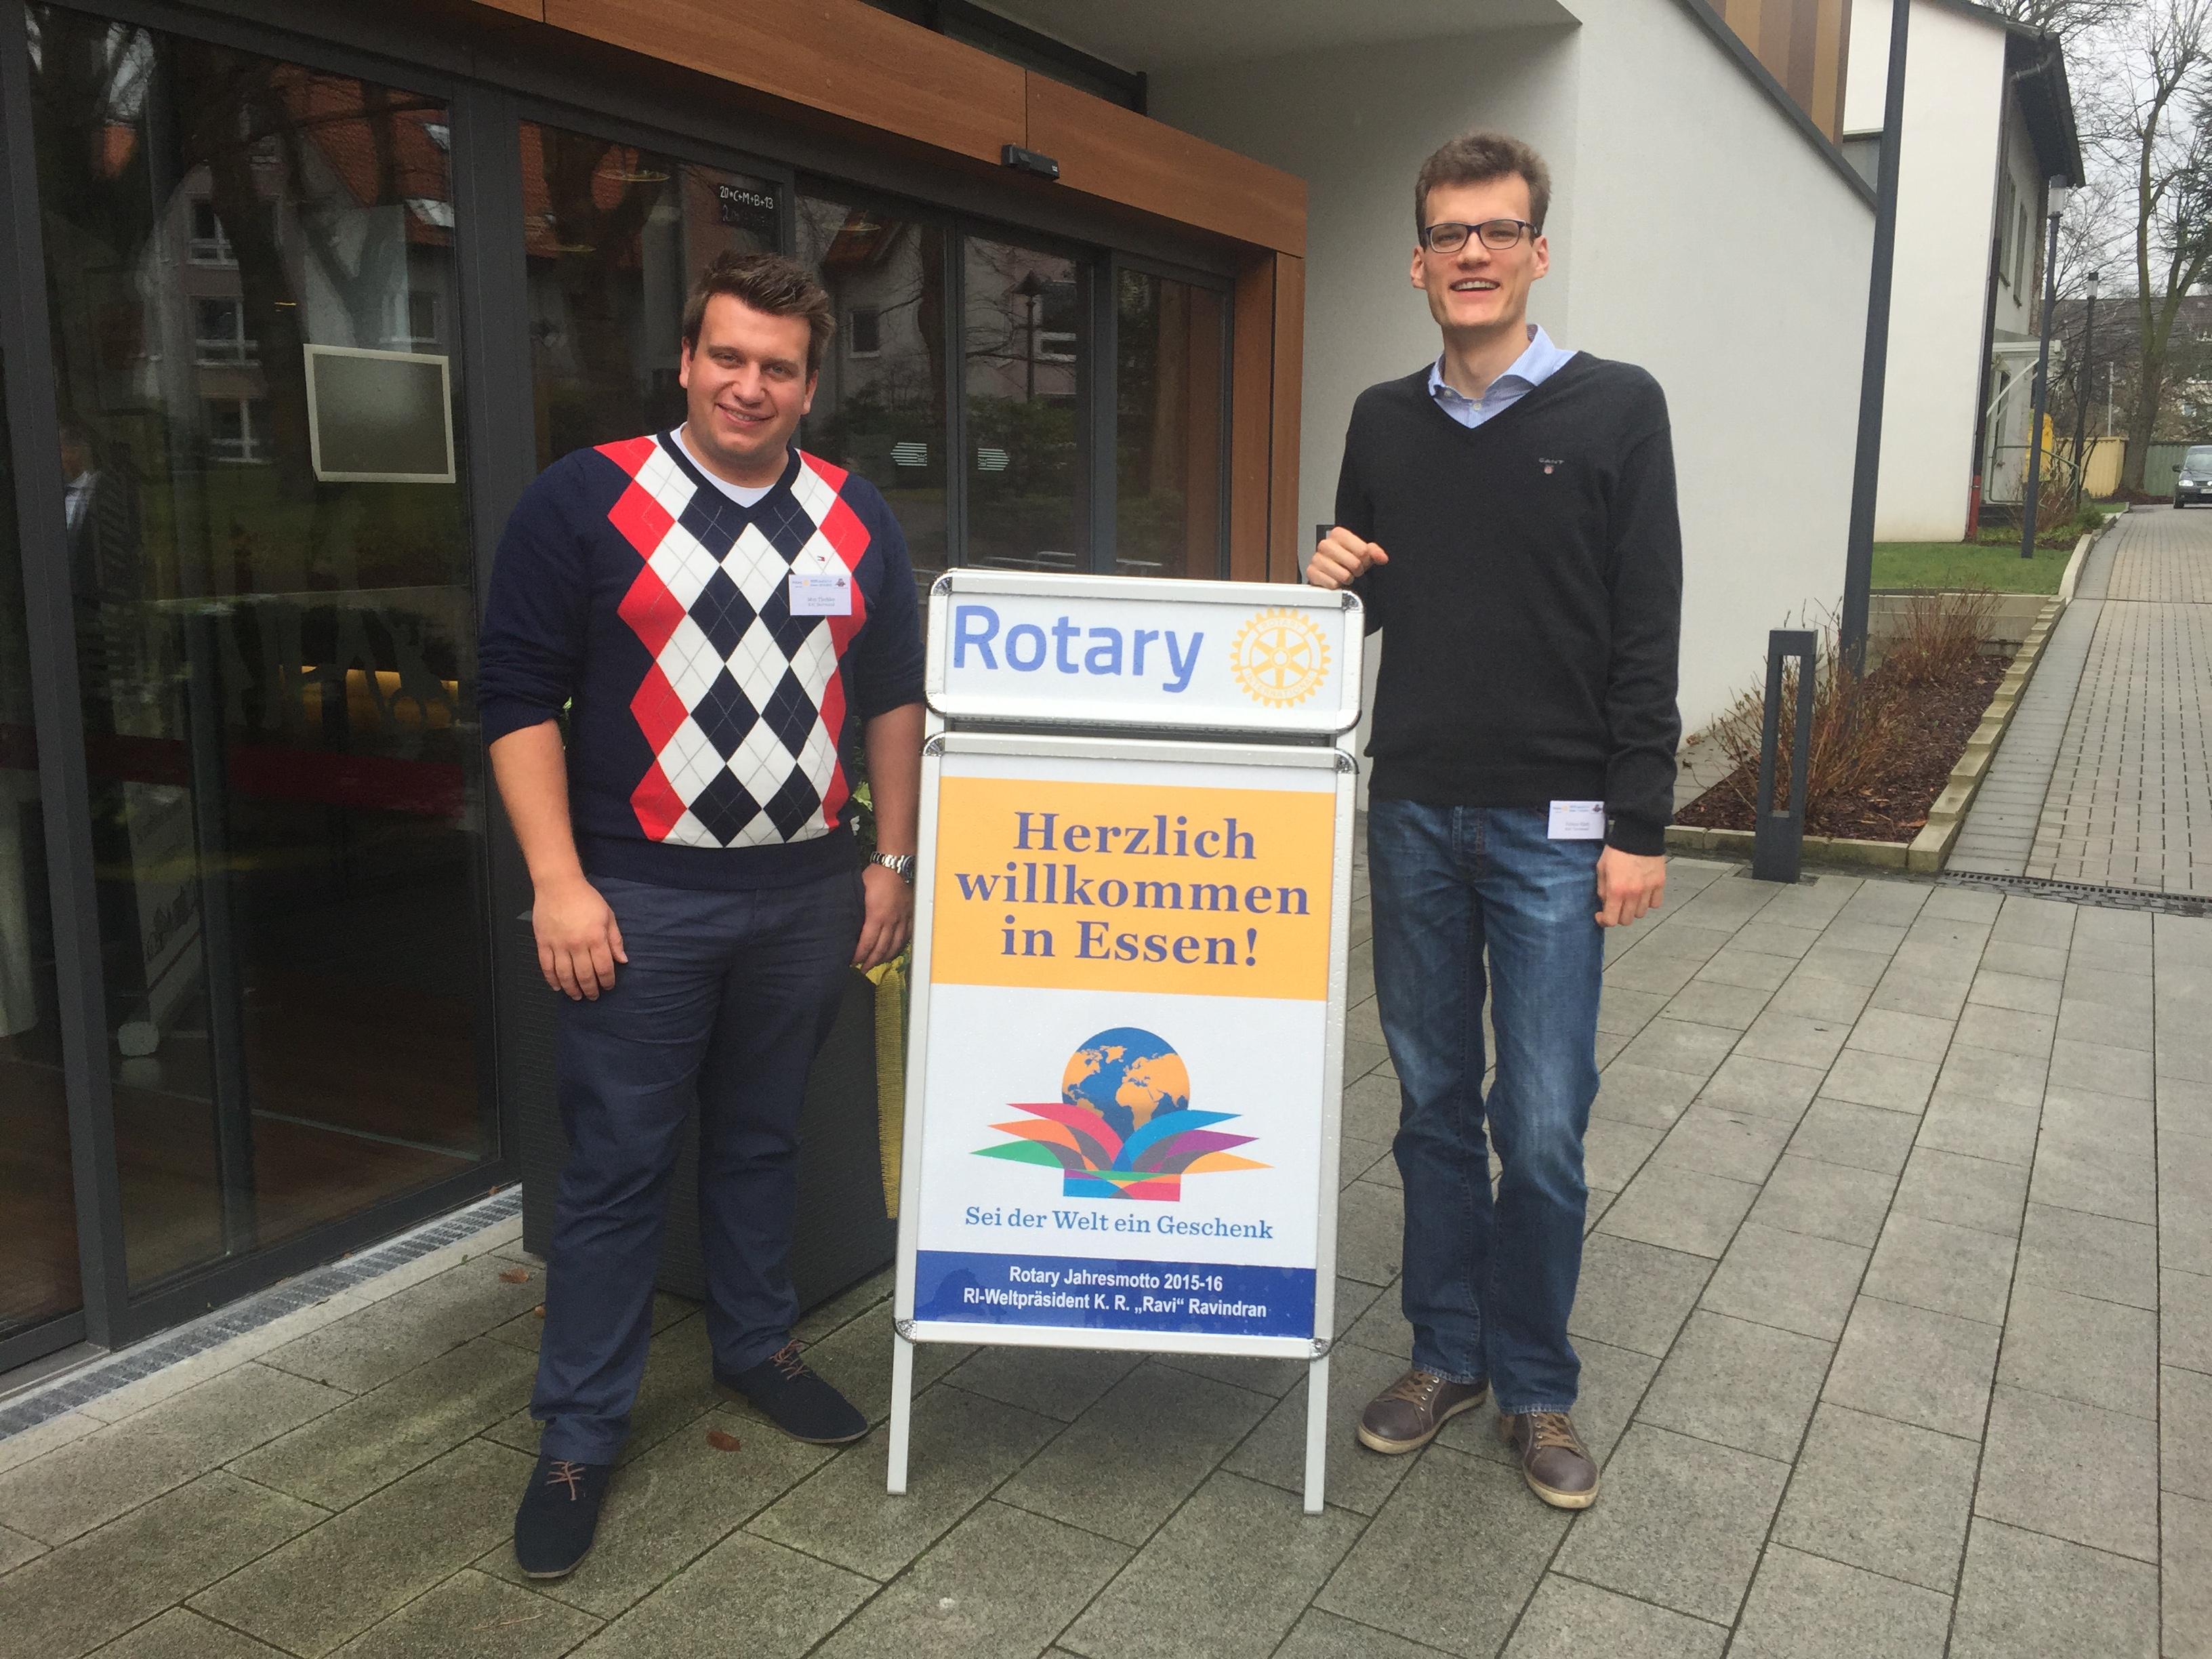 Tischler Dortmund distriktkonferenz in essen am 21 03 2015 rotaract dortmund